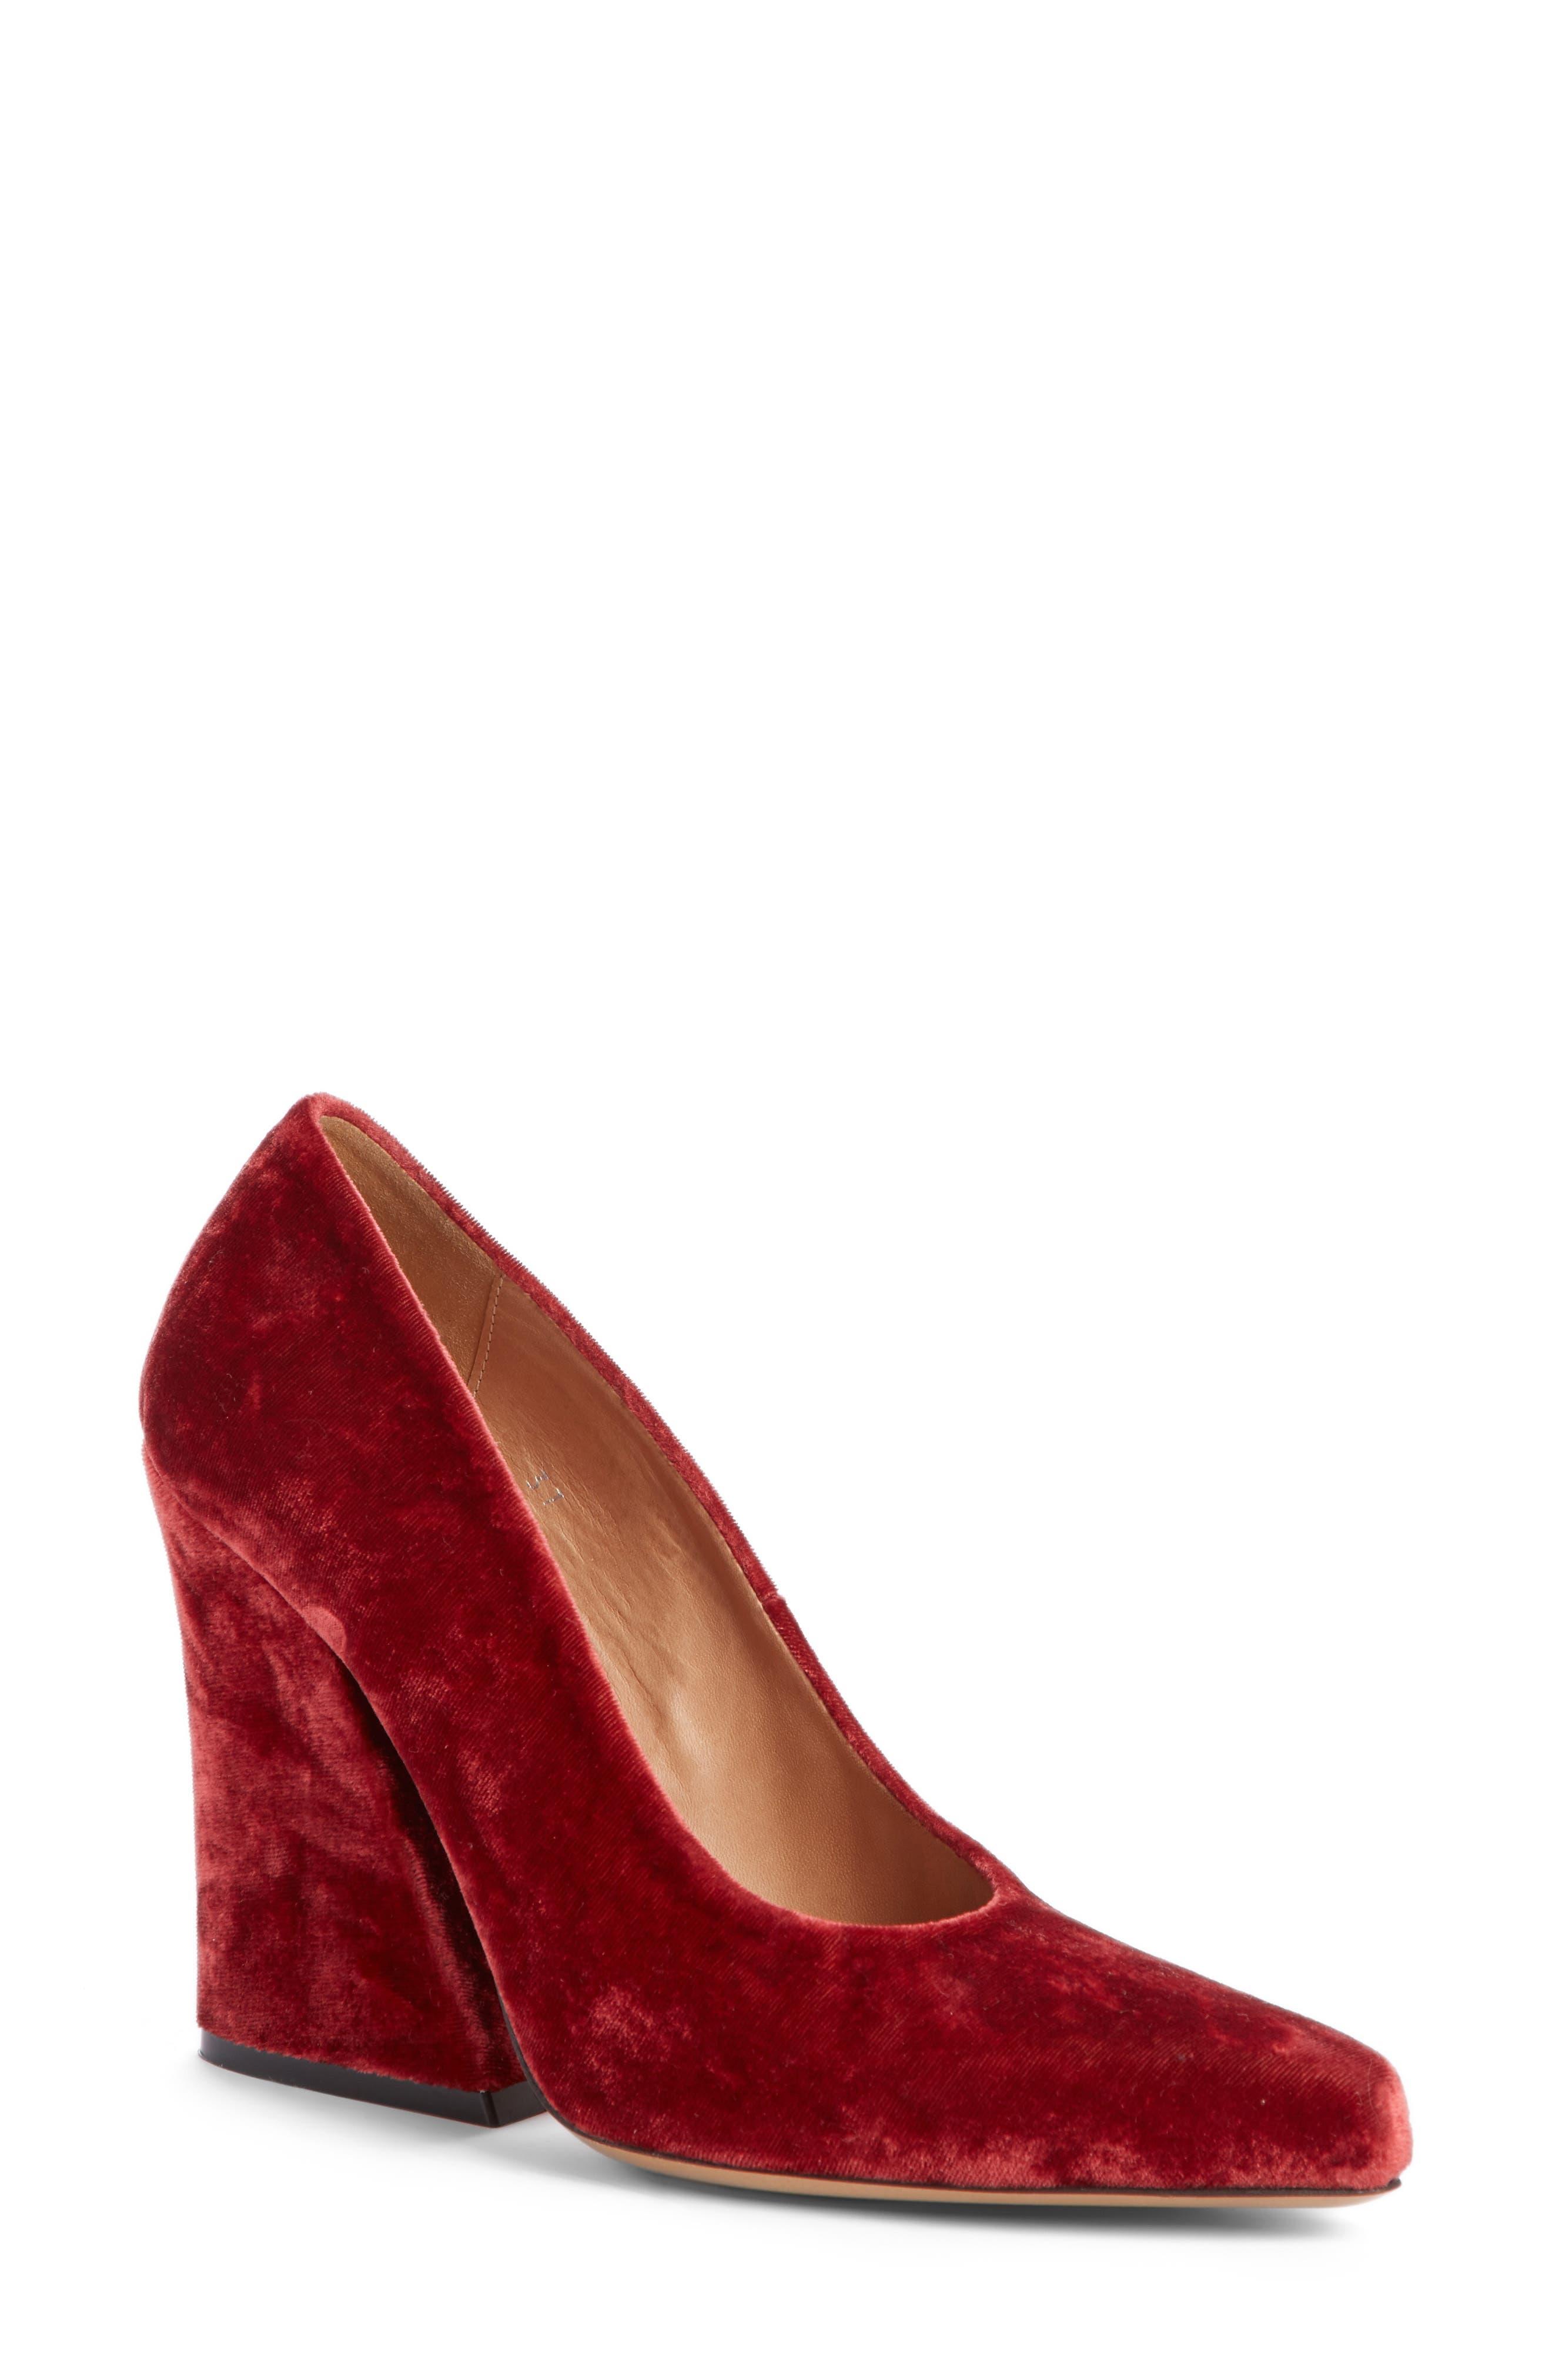 Alternate Image 1 Selected - Dries Van Noten Block Heel Pump (Women)